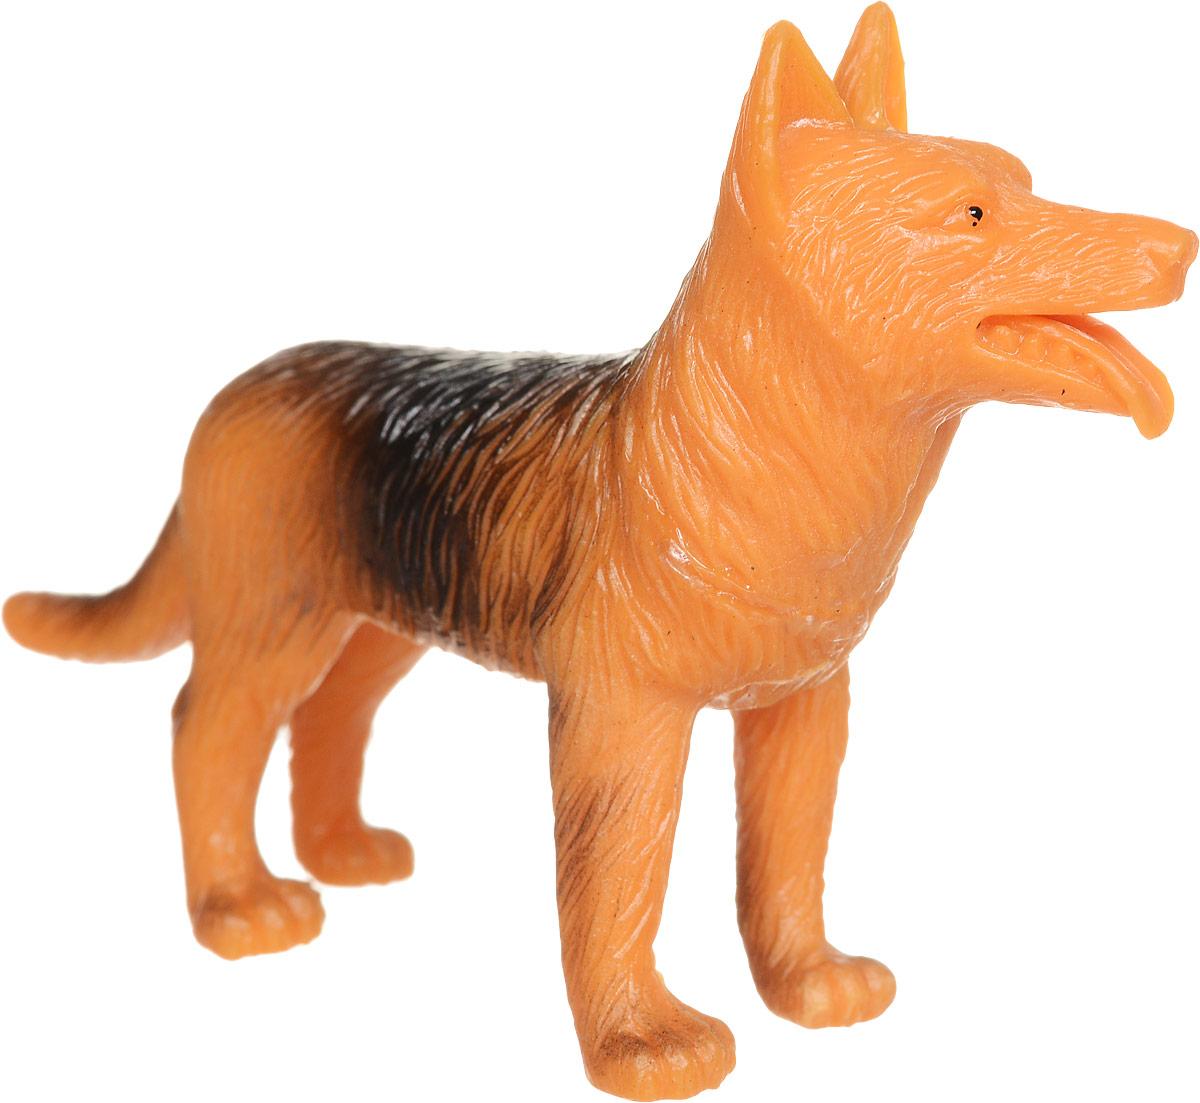 Играем вместе Фигурка СобакаH613Фигурка Играем вместе Собака станет хорошим подарком для ребенка и подойдет для любой игры. Игрушка сделана из безопасного и гнущегося материала, а качественная окраска придает животному натуральный вид. Игрушку можно использовать в сюжетно-ролевых играх и, конечно же, разыгрывать ею своих друзей. Несмотря на то, что животное выполнено очень миниатюрно, это никак не сказалось на его реалистичности, так как при его создании были учтены все внешние особенности и отличительные черты. Такая фигурка существо привлечет внимание маленьких коллекционеров животного мира.